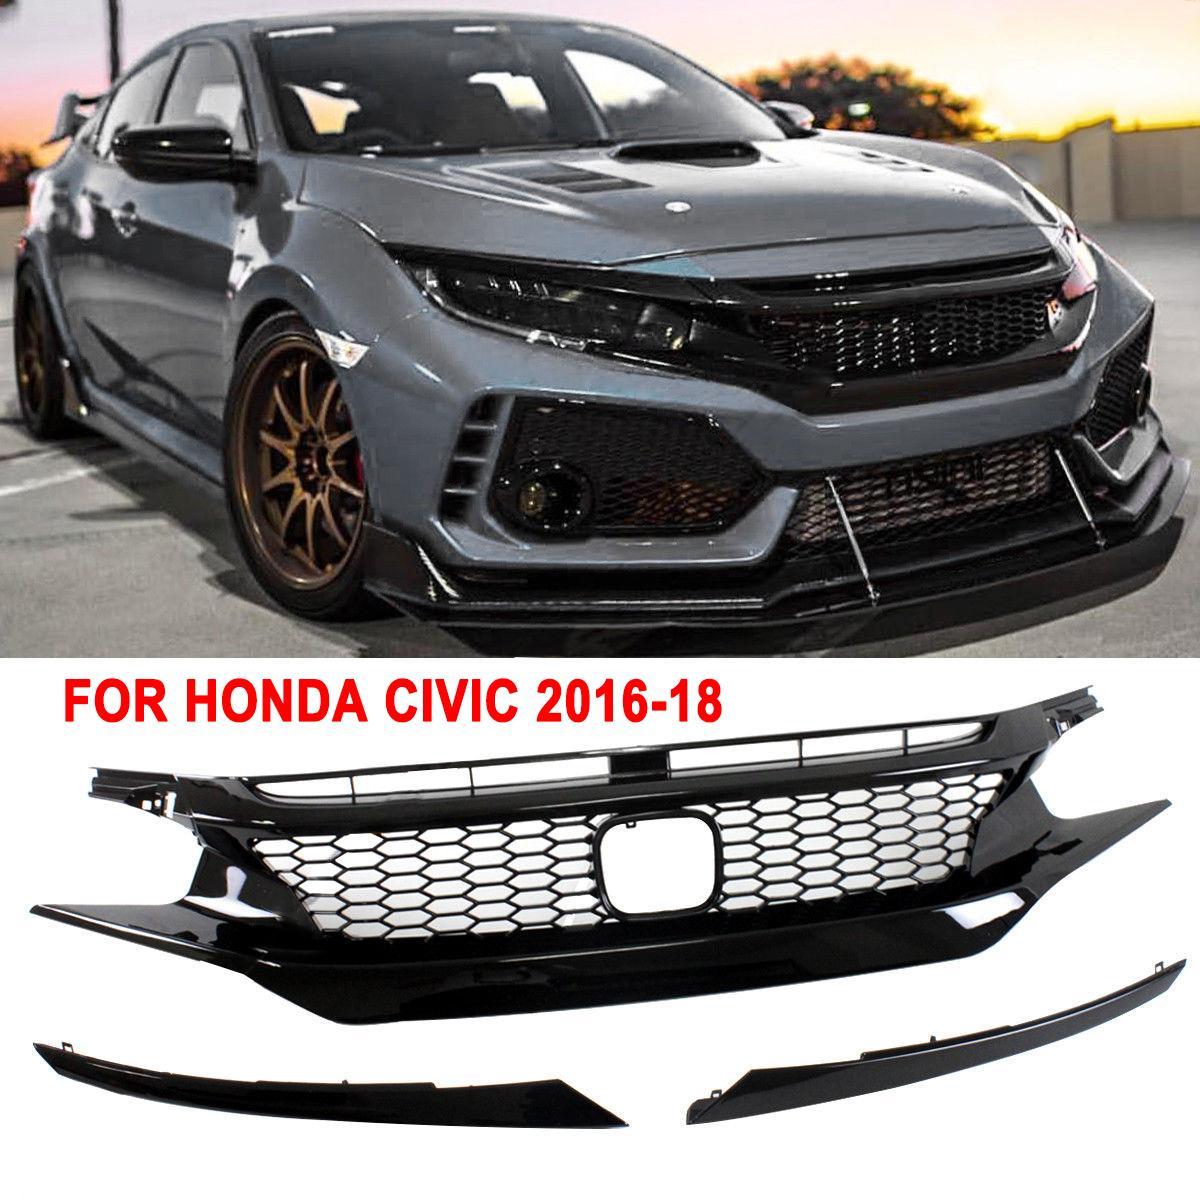 ใหม่สำหรับ Honda Civic 2016 2017 2018 2019 10th Gen JDM-CTR สไตล์ Glossy สีดำตาข่ายด้านหน้า grille